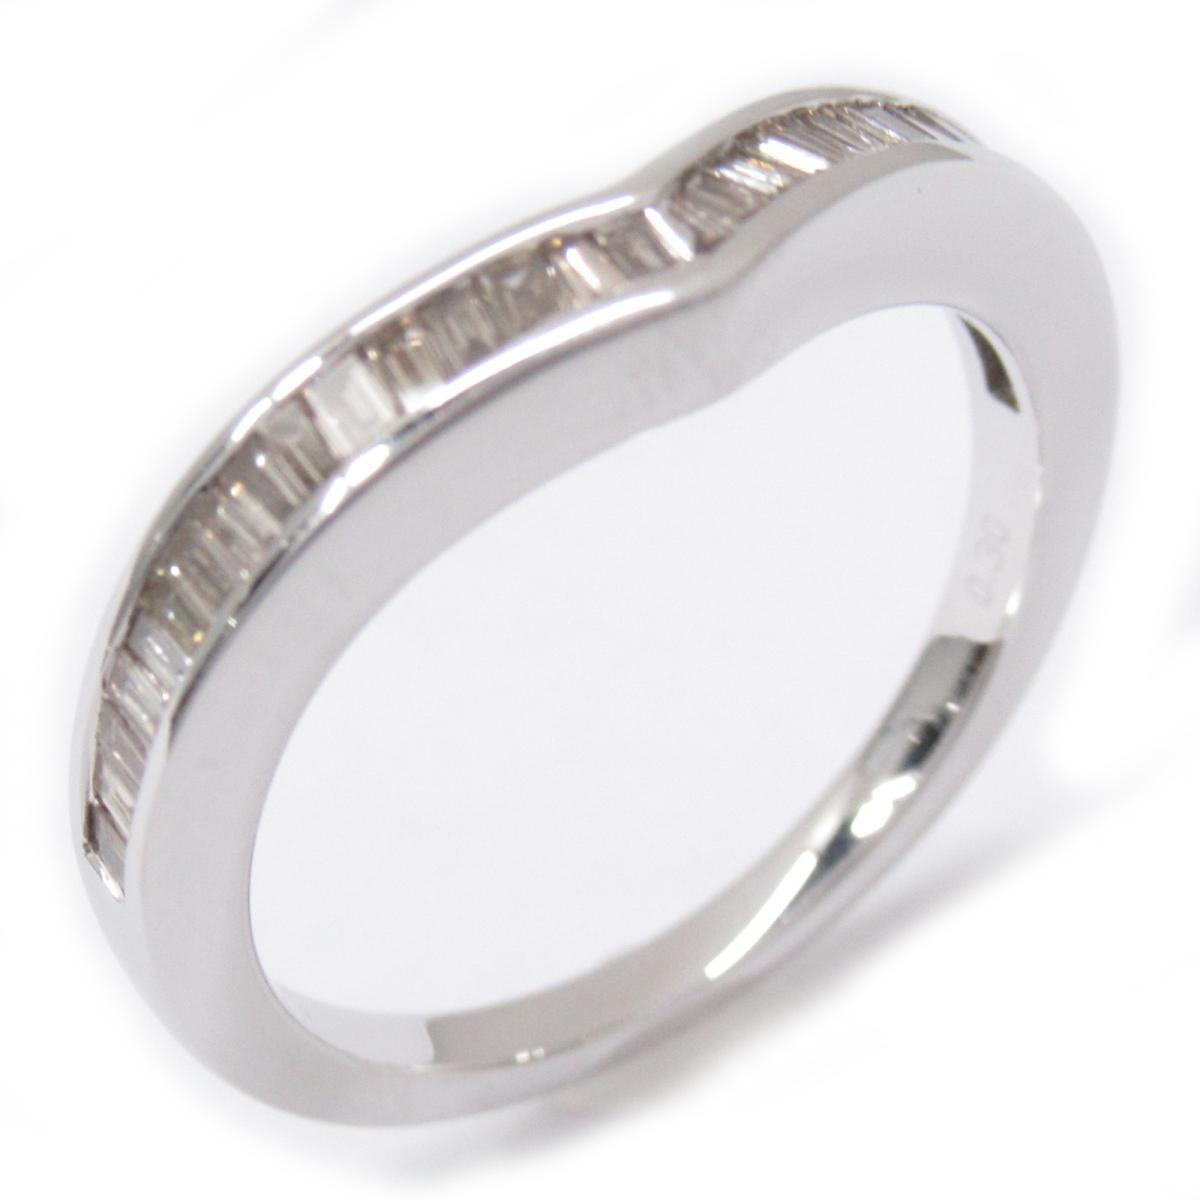 ジュエリー ダイヤモンドリング 指輪 ノーブランドジュエリー レディース K18WG (750) ホワイトゴールドxダイヤモンド0.3ct シルバー 【中古】   JEWELRY BRANDOFF ブランドオフ アクセサリー リング